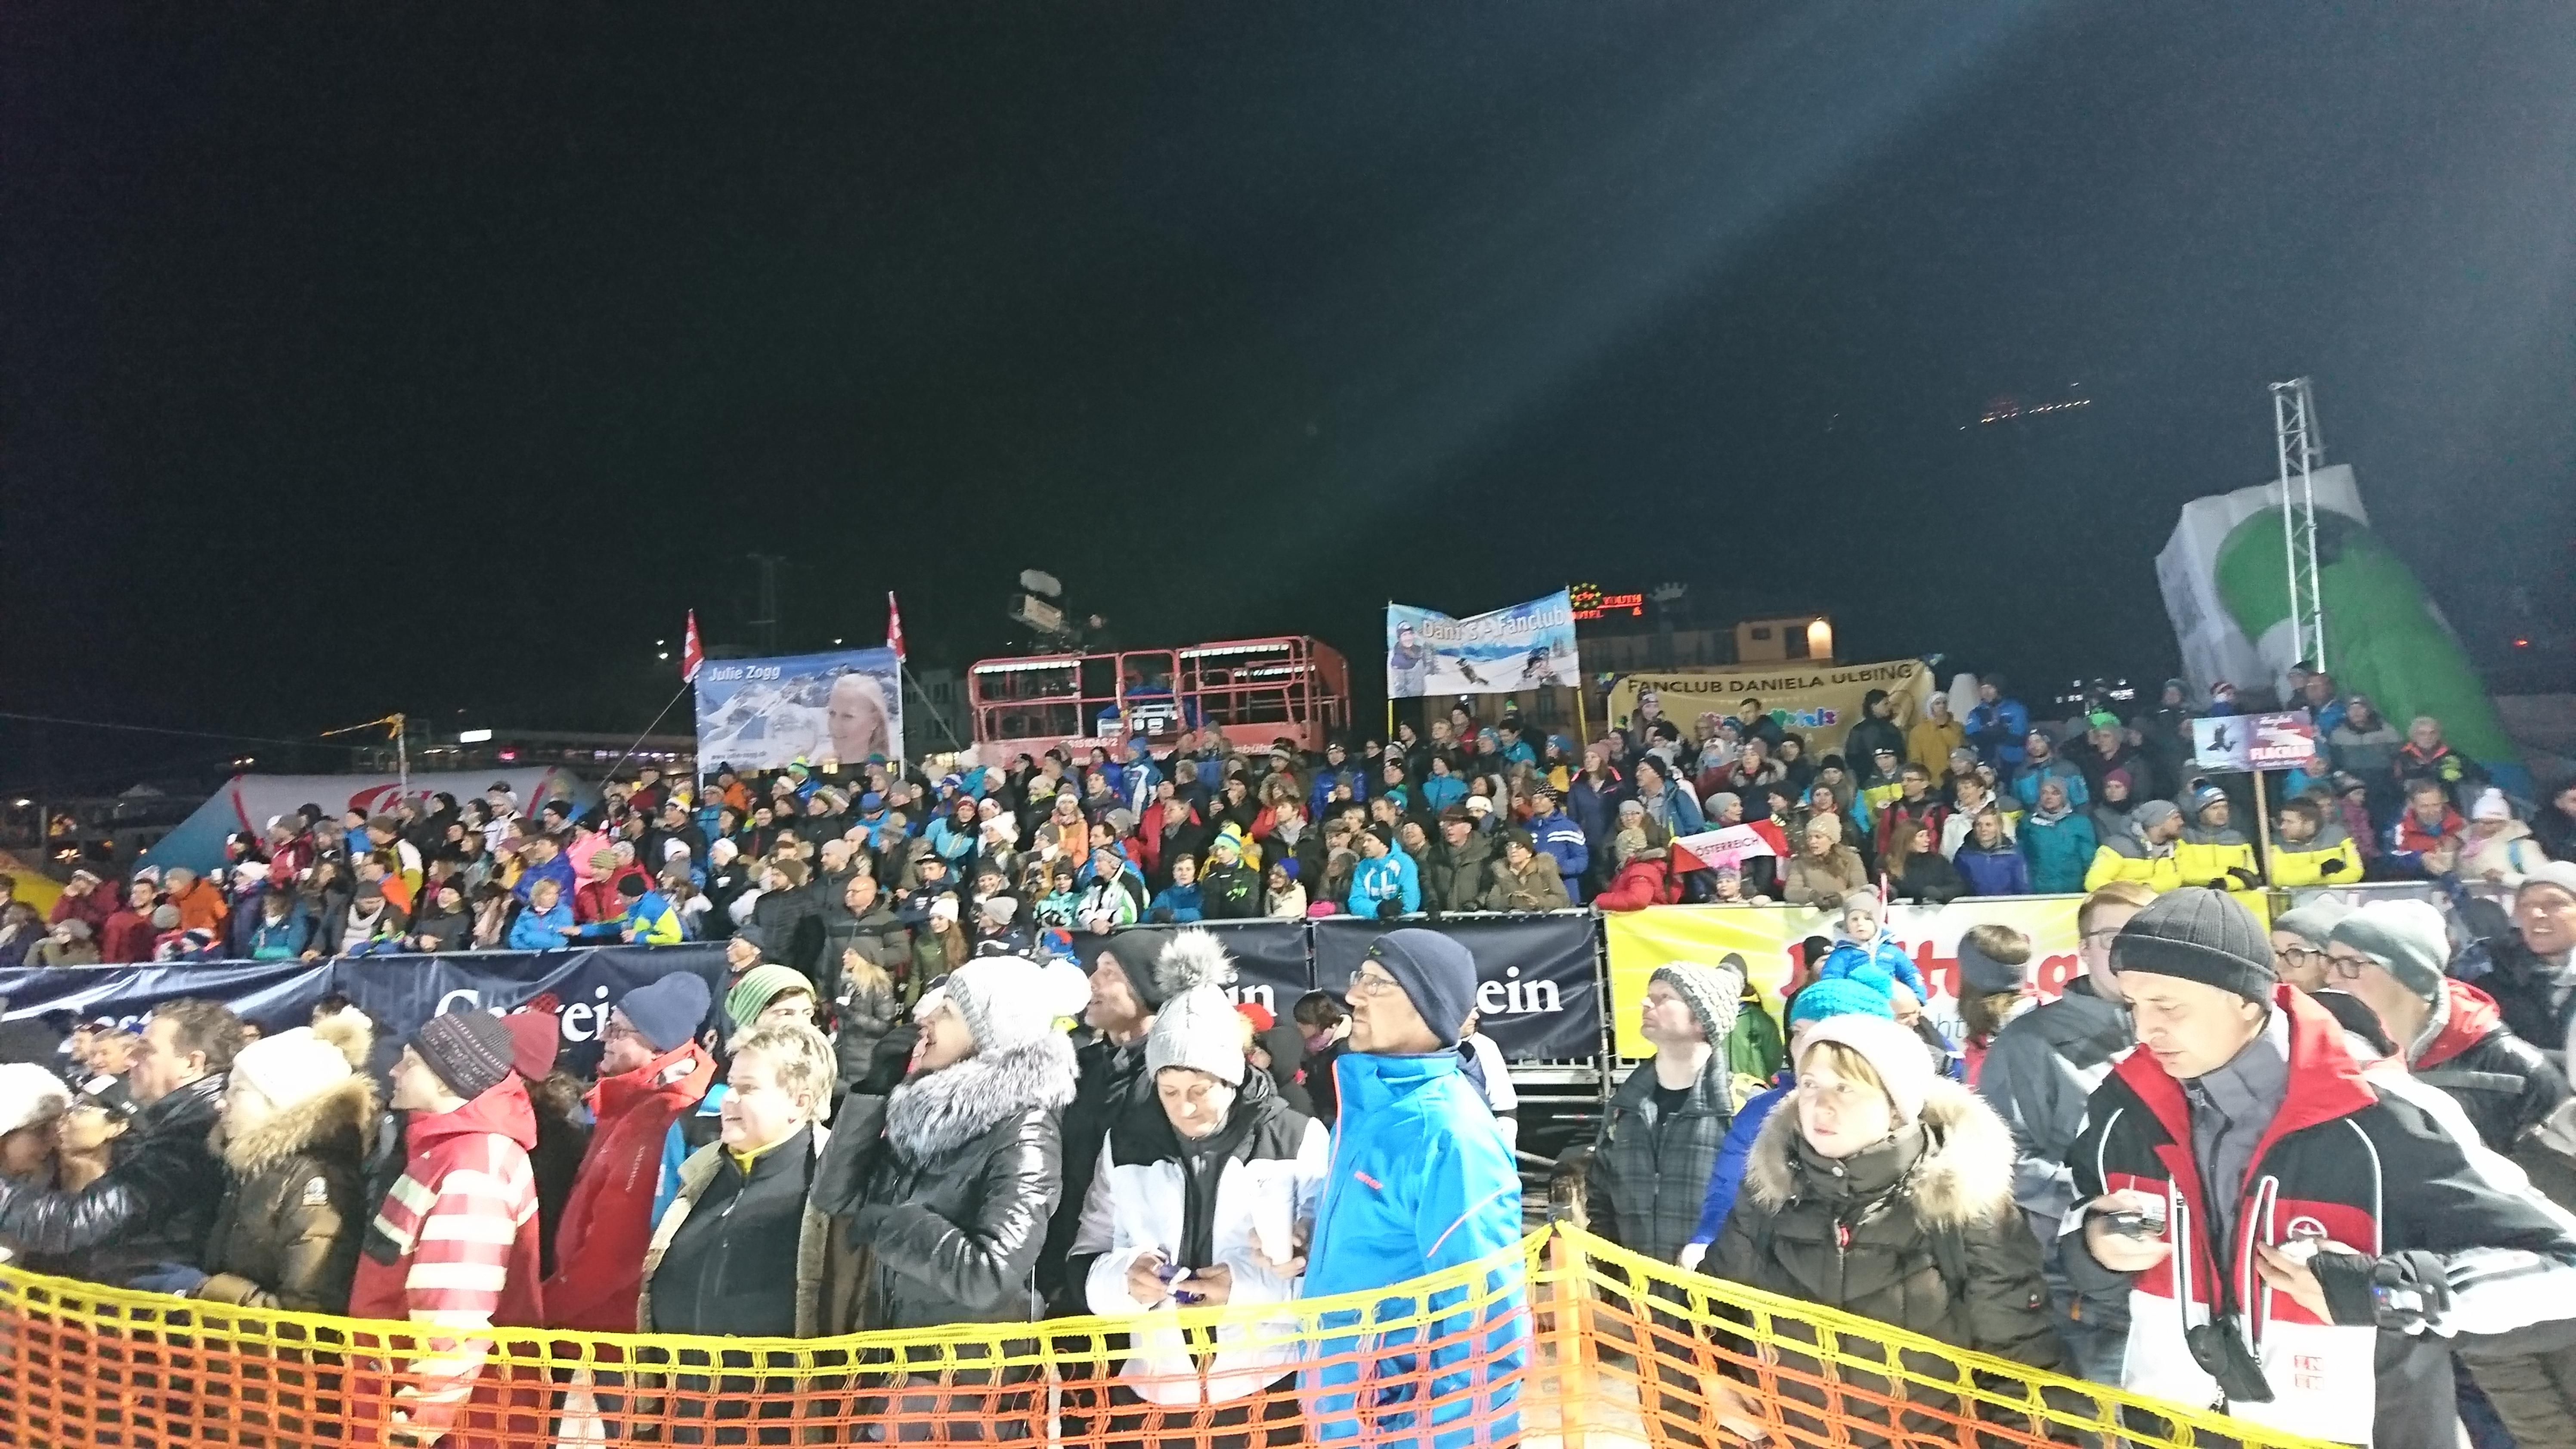 レースを観戦する大観衆 バドガシュタイン(オーストリア)